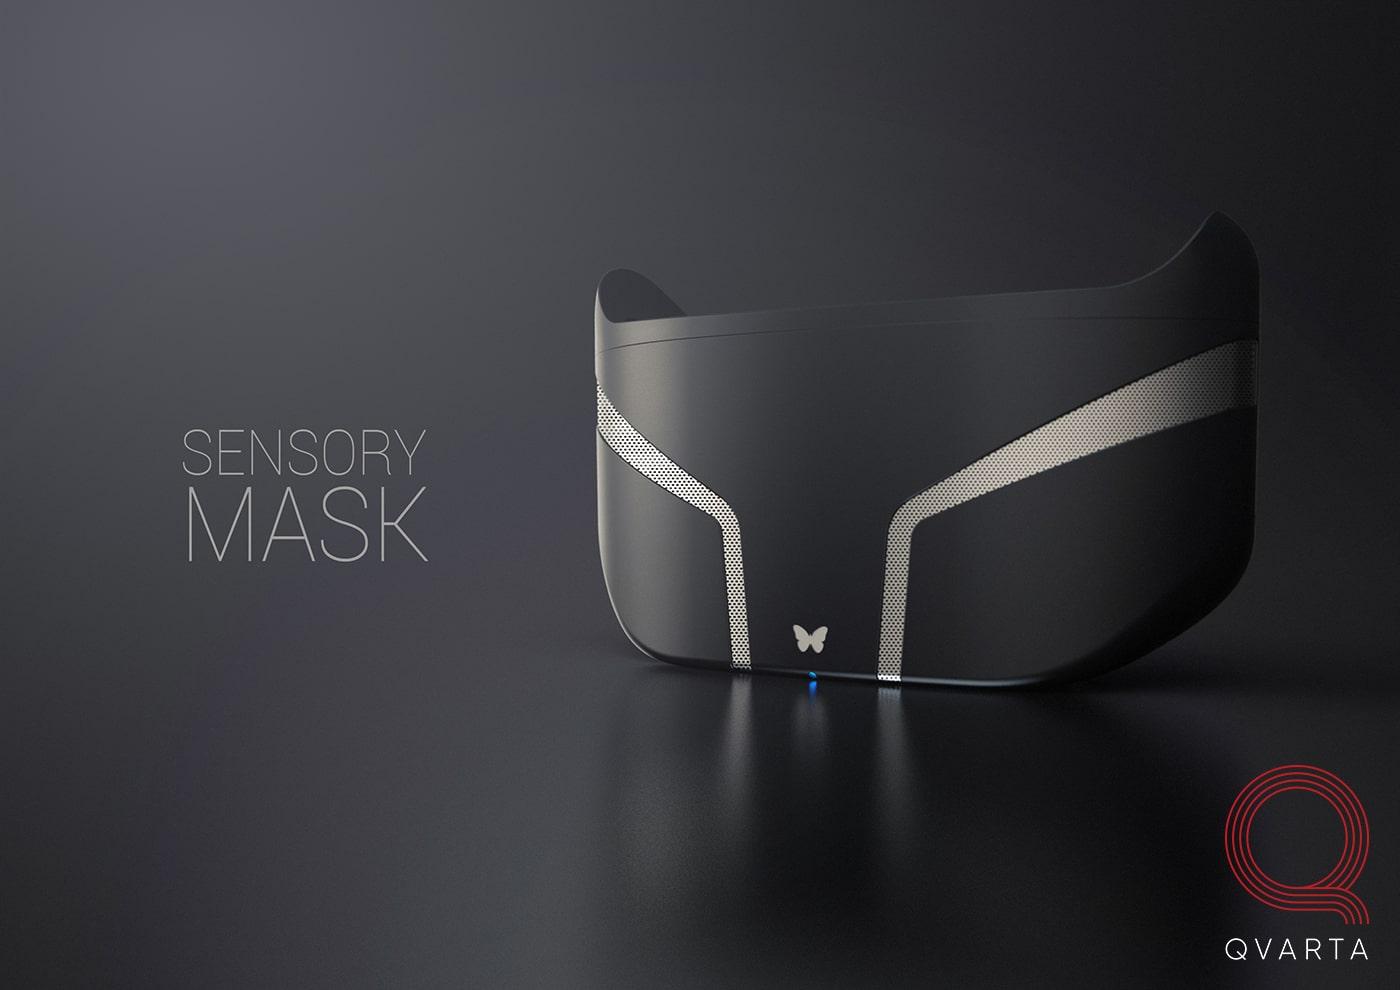 Фото маски для ВР от Qvarta.